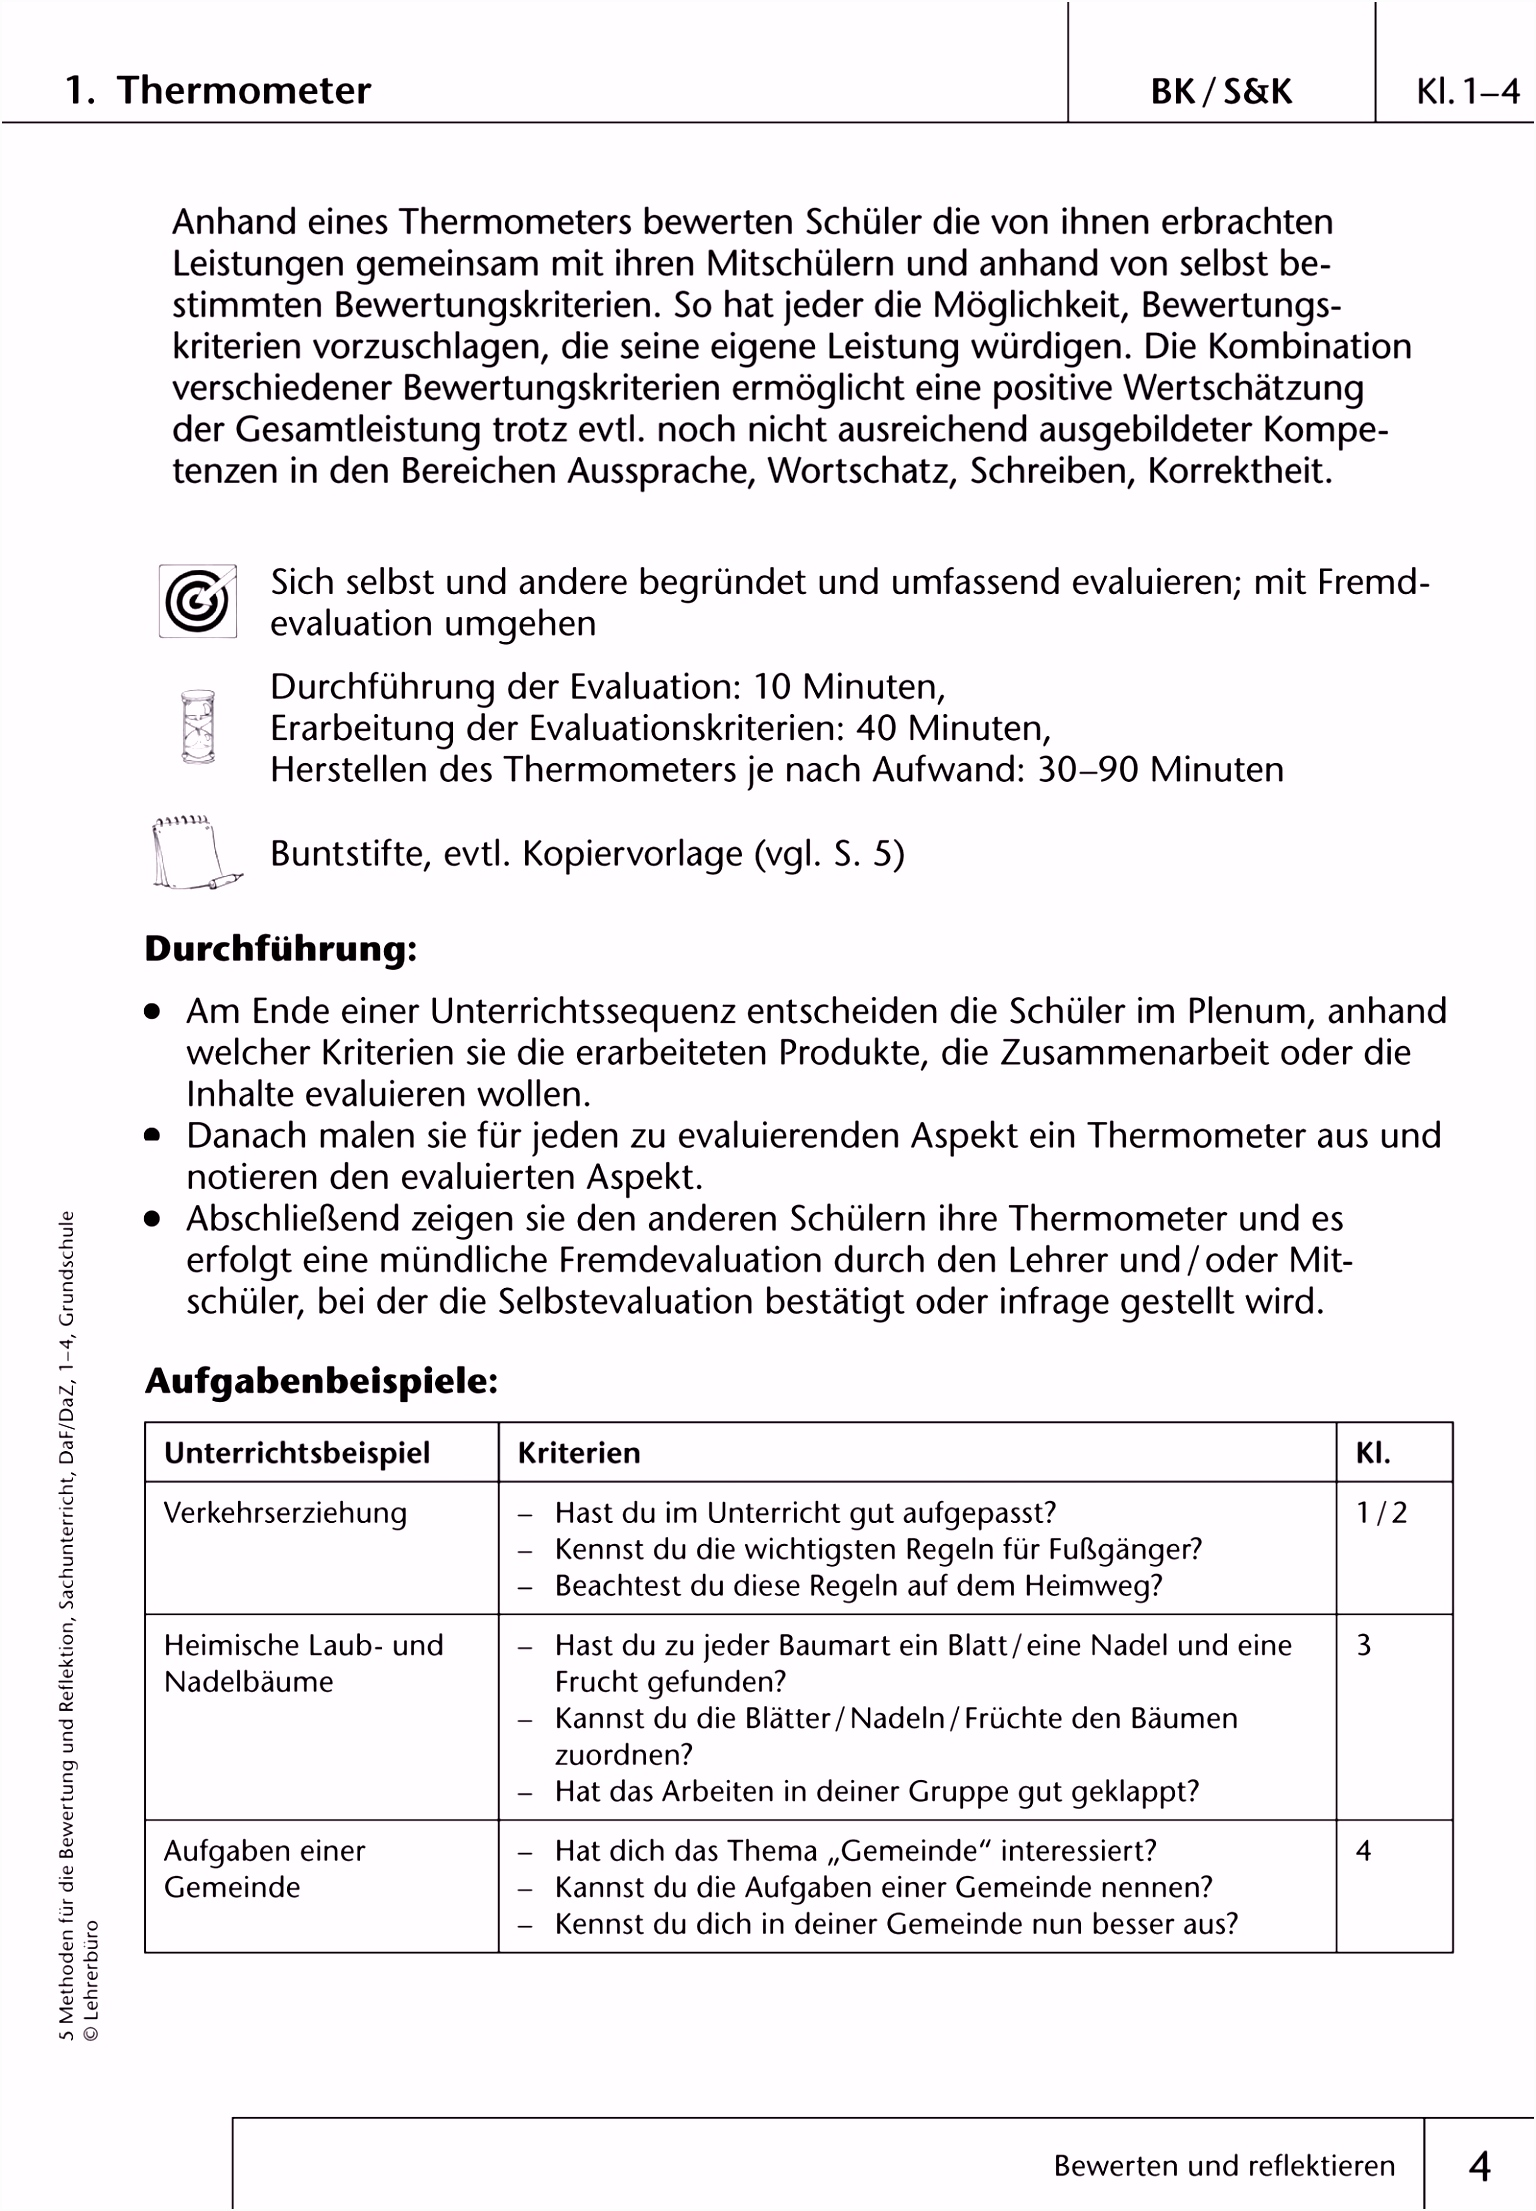 Falschparker Zettel Vorlage 26 Bestellung Evakuierungshelfer Vorlage Gsgjei T4ma54cuv4 Bmyo6sxarh